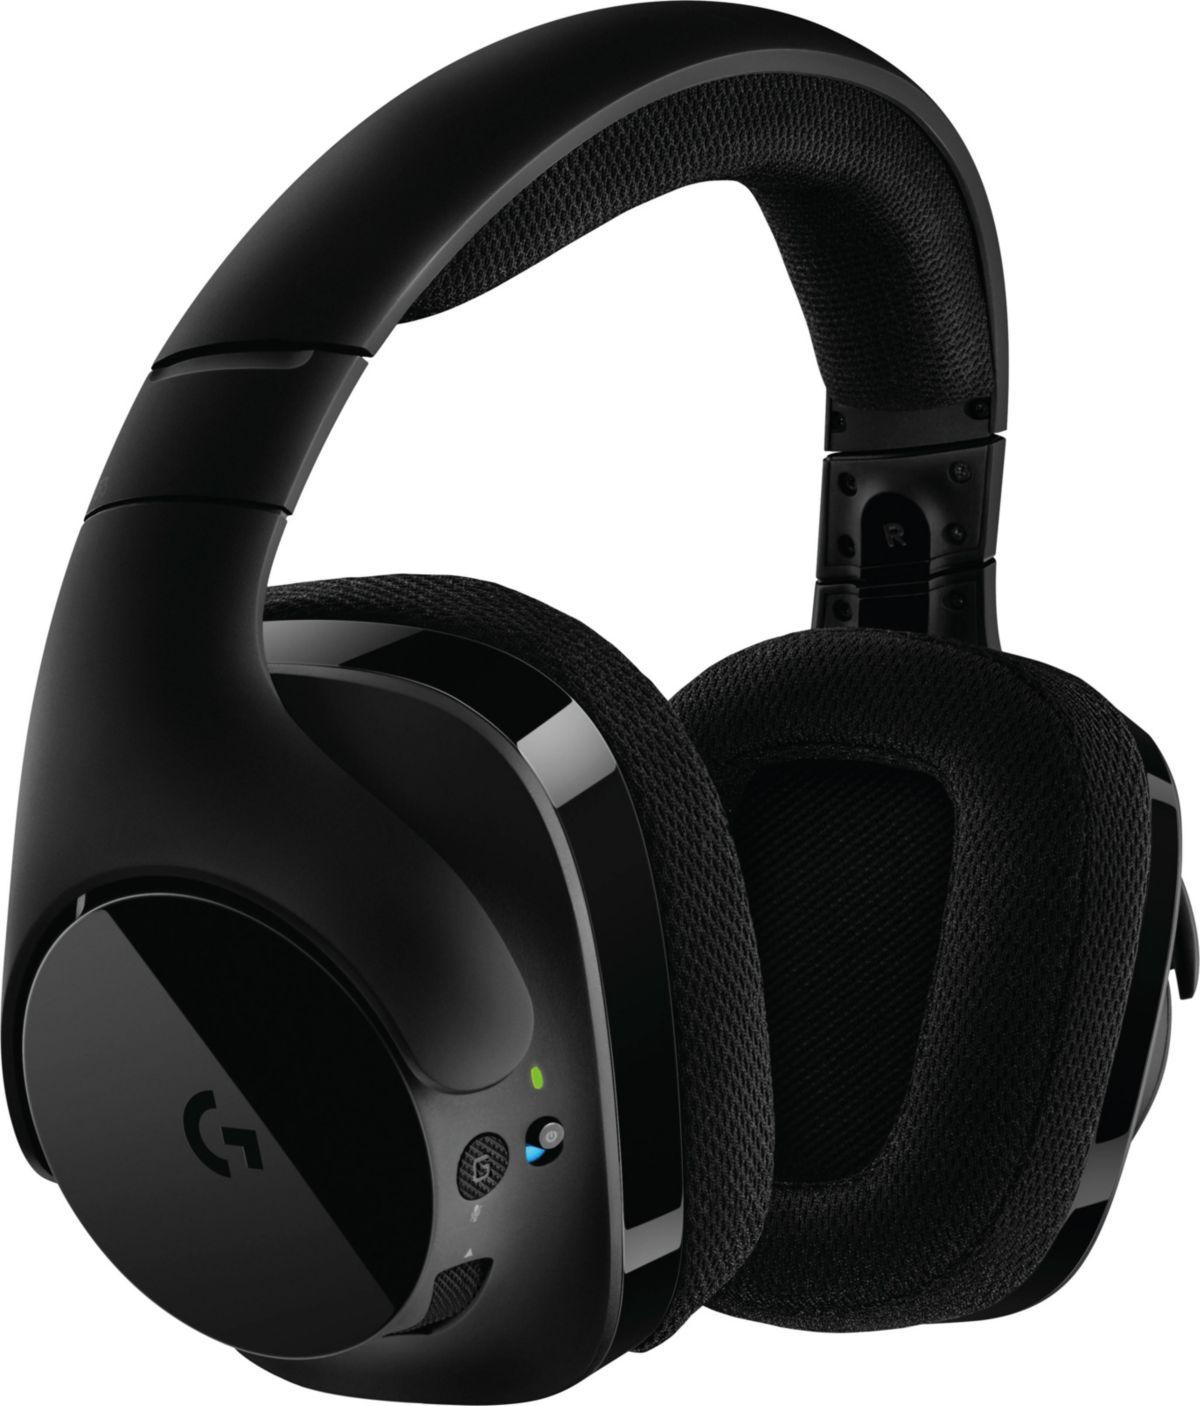 Logitech Games G533 Wireless Headset